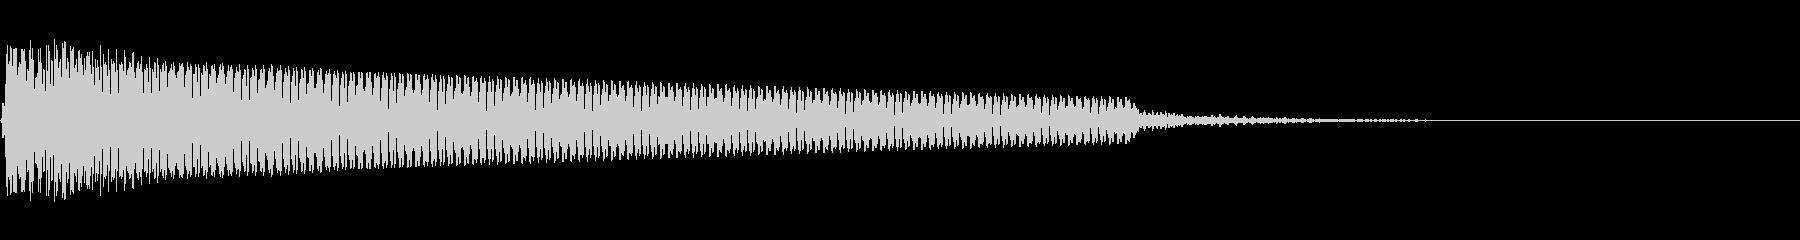 空気が張り詰めた時の音(演出)の未再生の波形